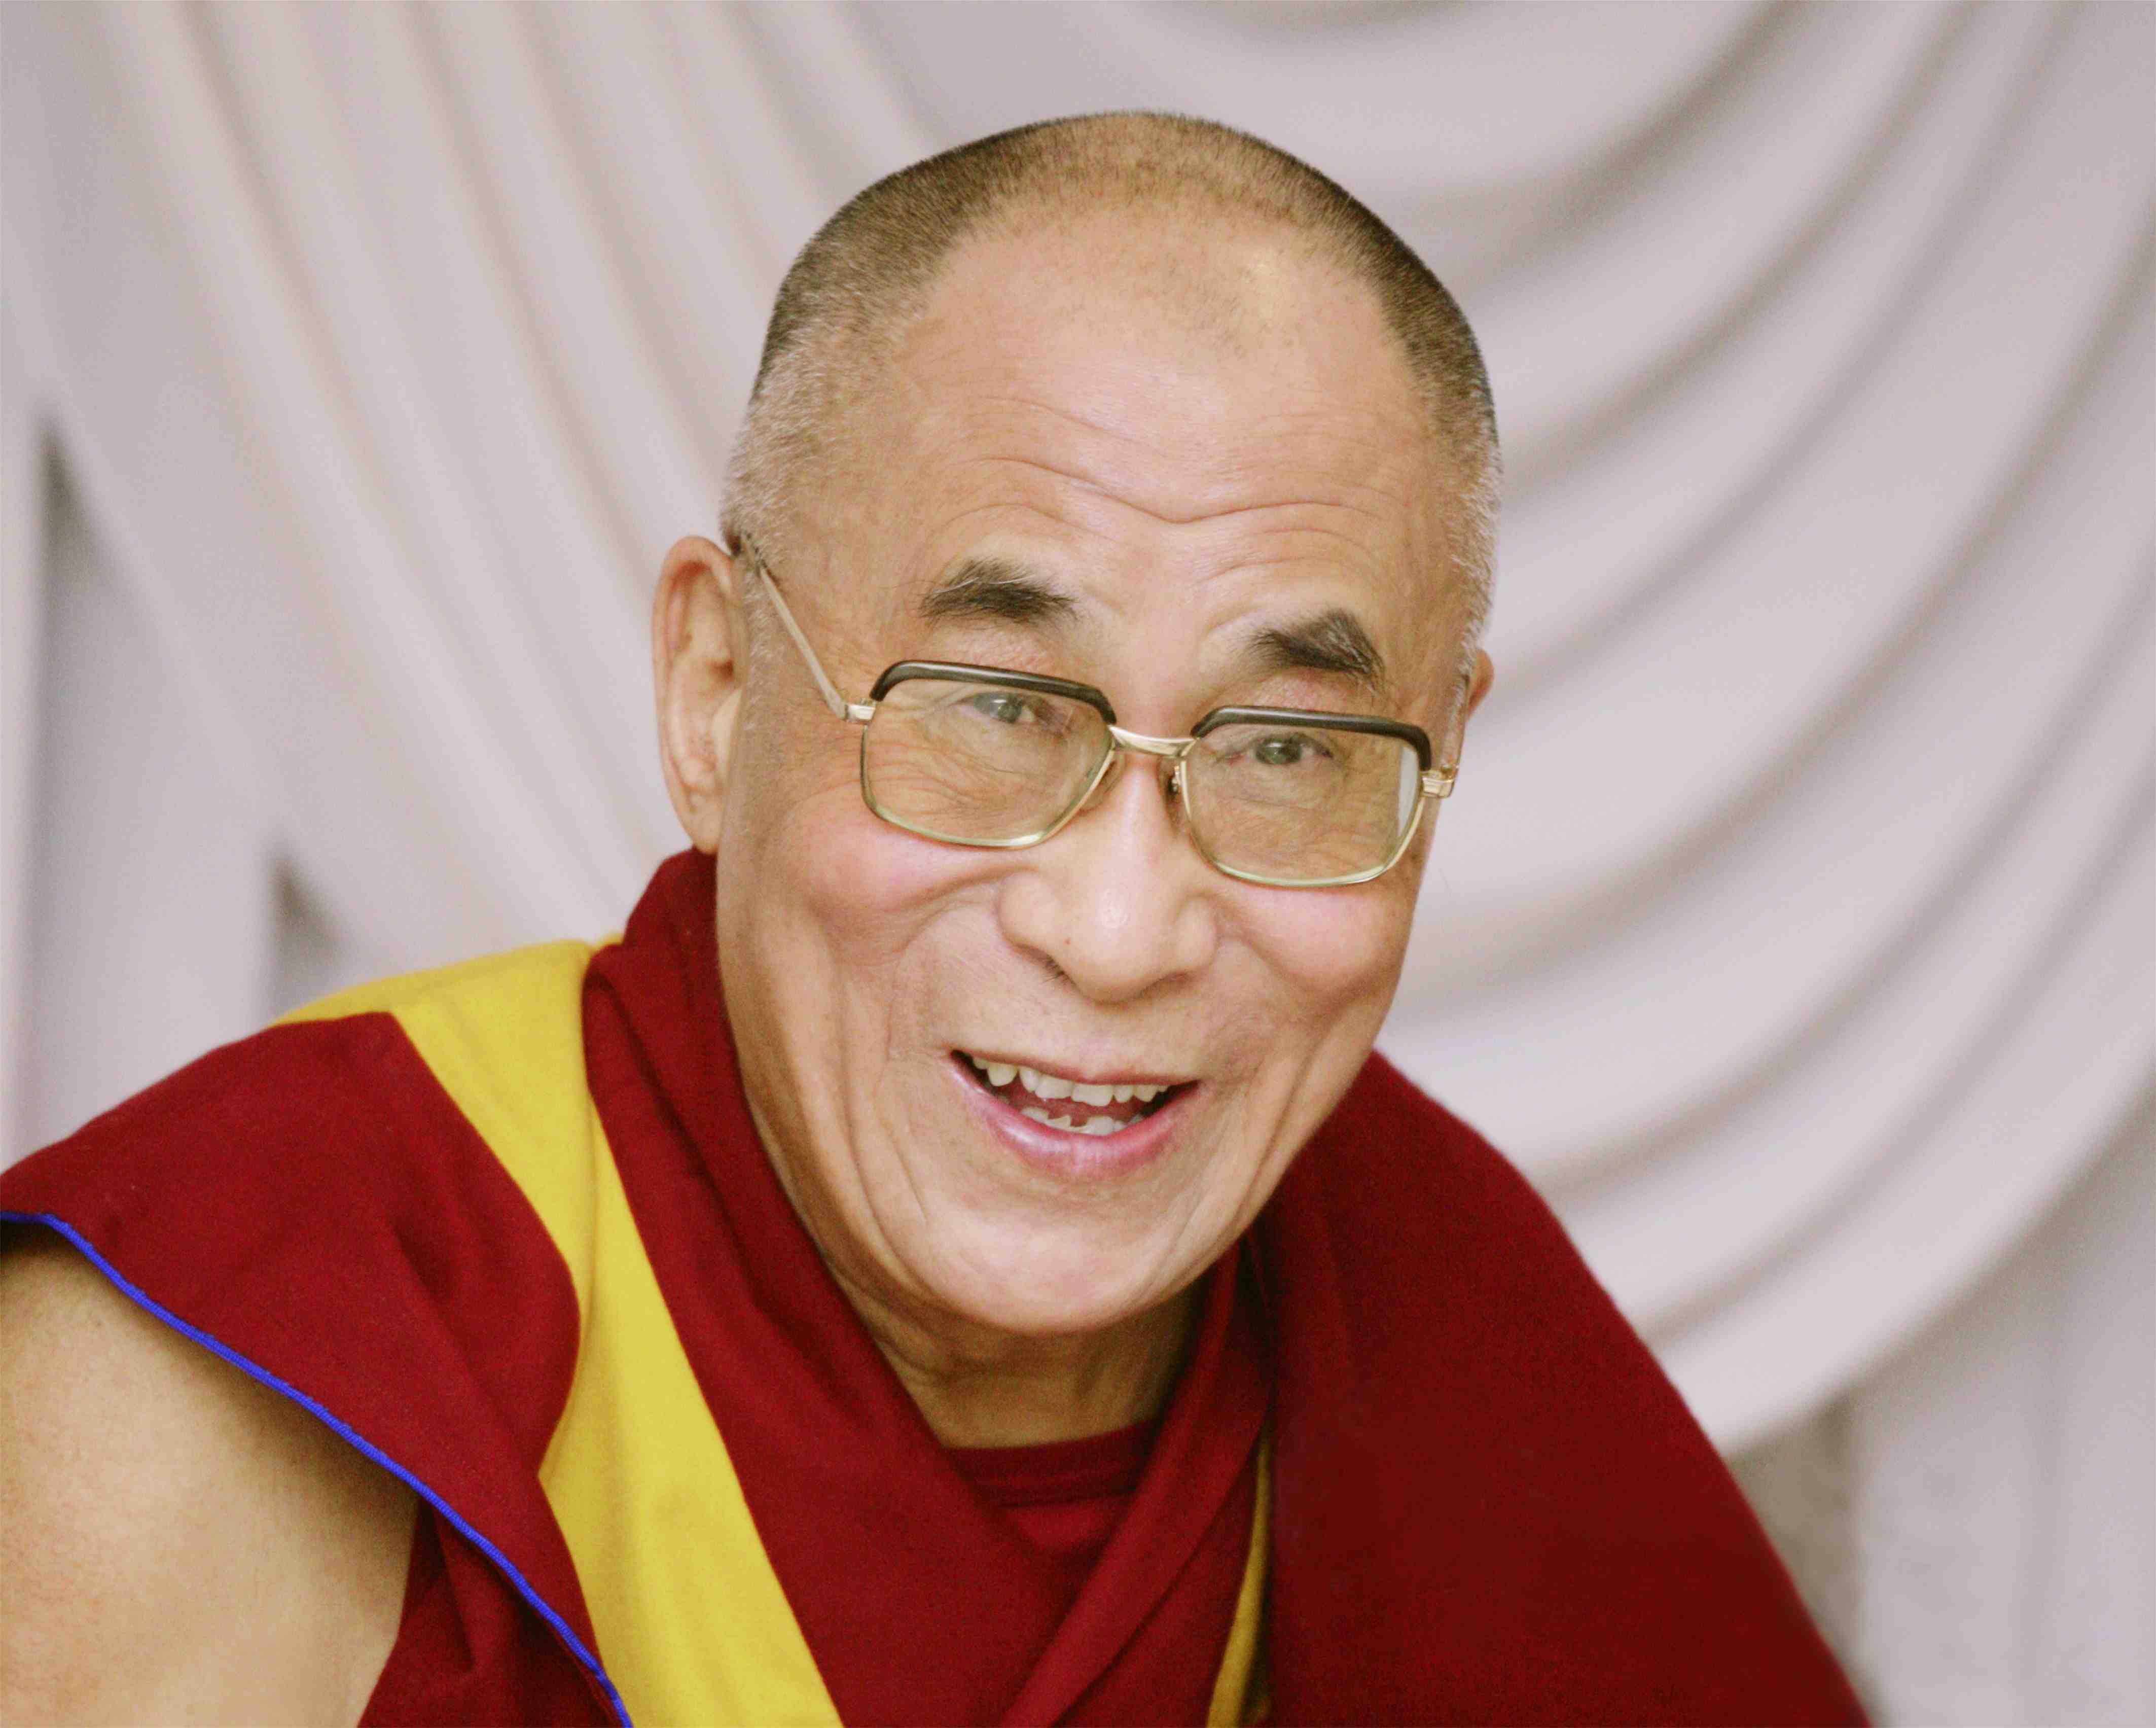 11月ダライ・ラマ法王来日! 東京では「ダライ・ラマ法王と科学者との対話―日本からの発信」が開催されます